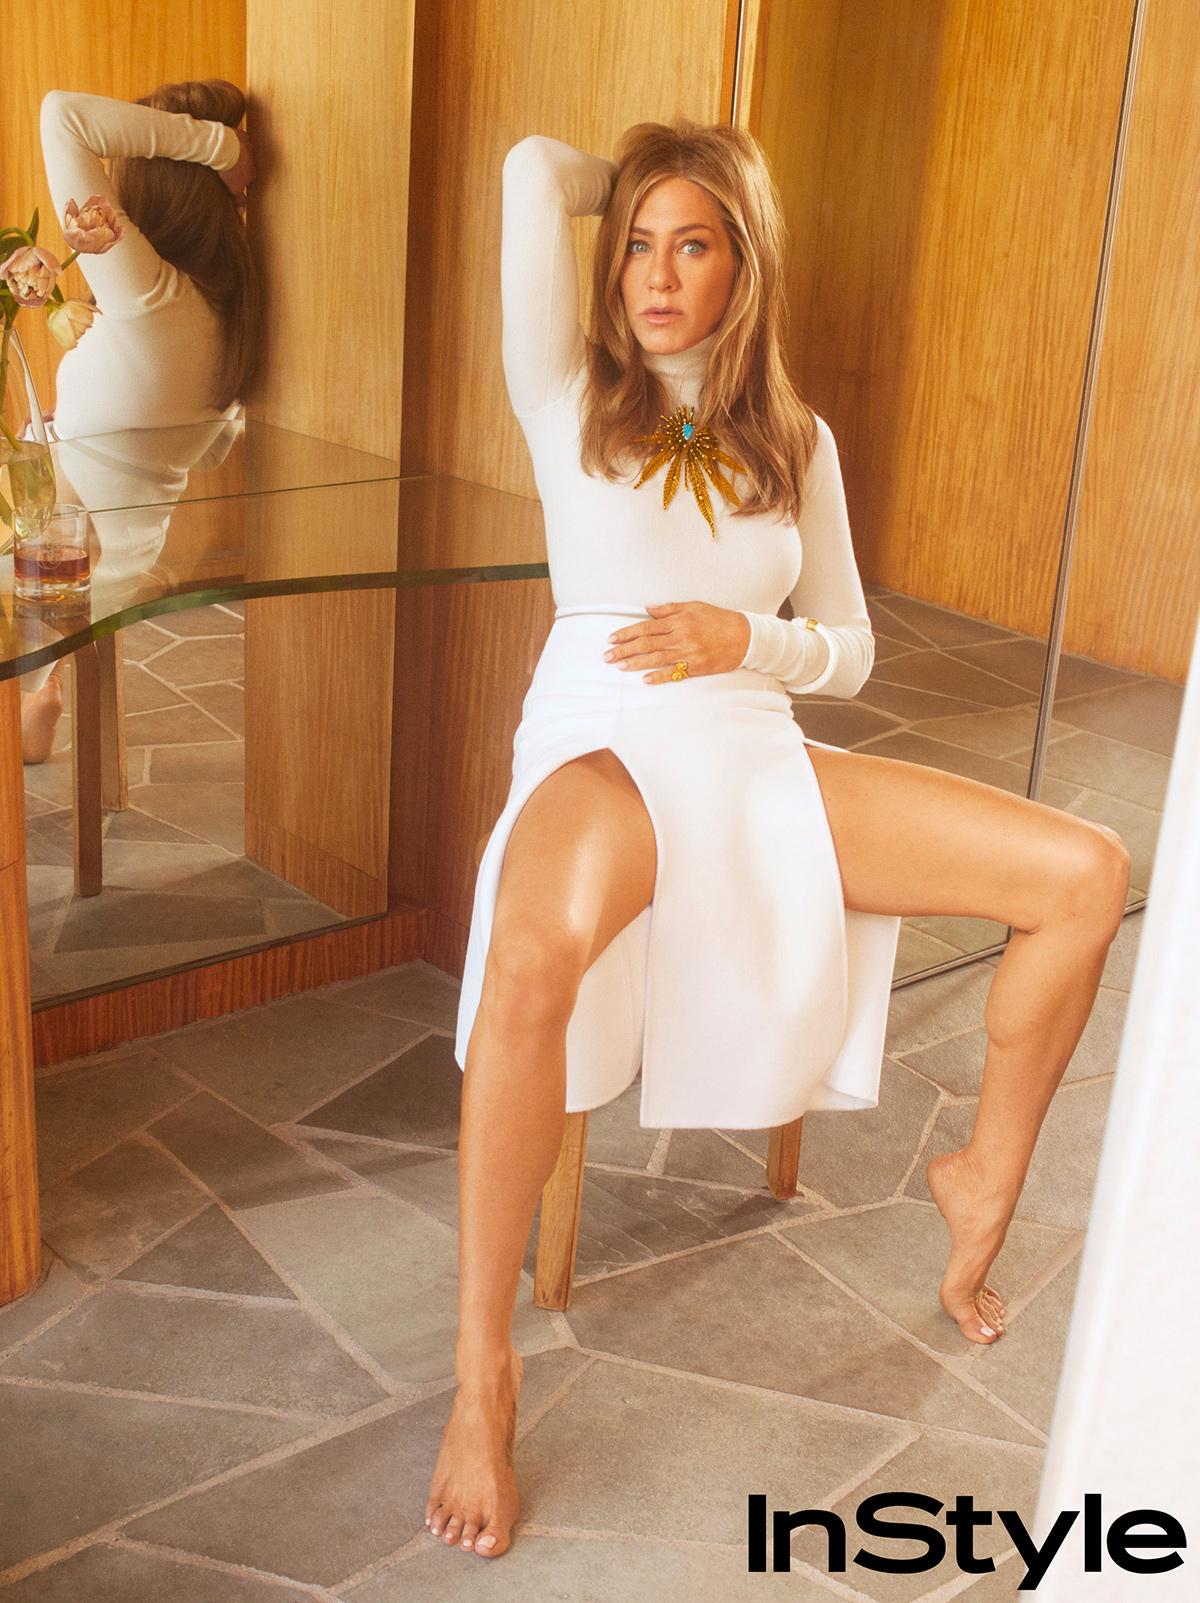 Дженнифер Энистон прокомментировала появление своего двойника в Сети-Фото 2